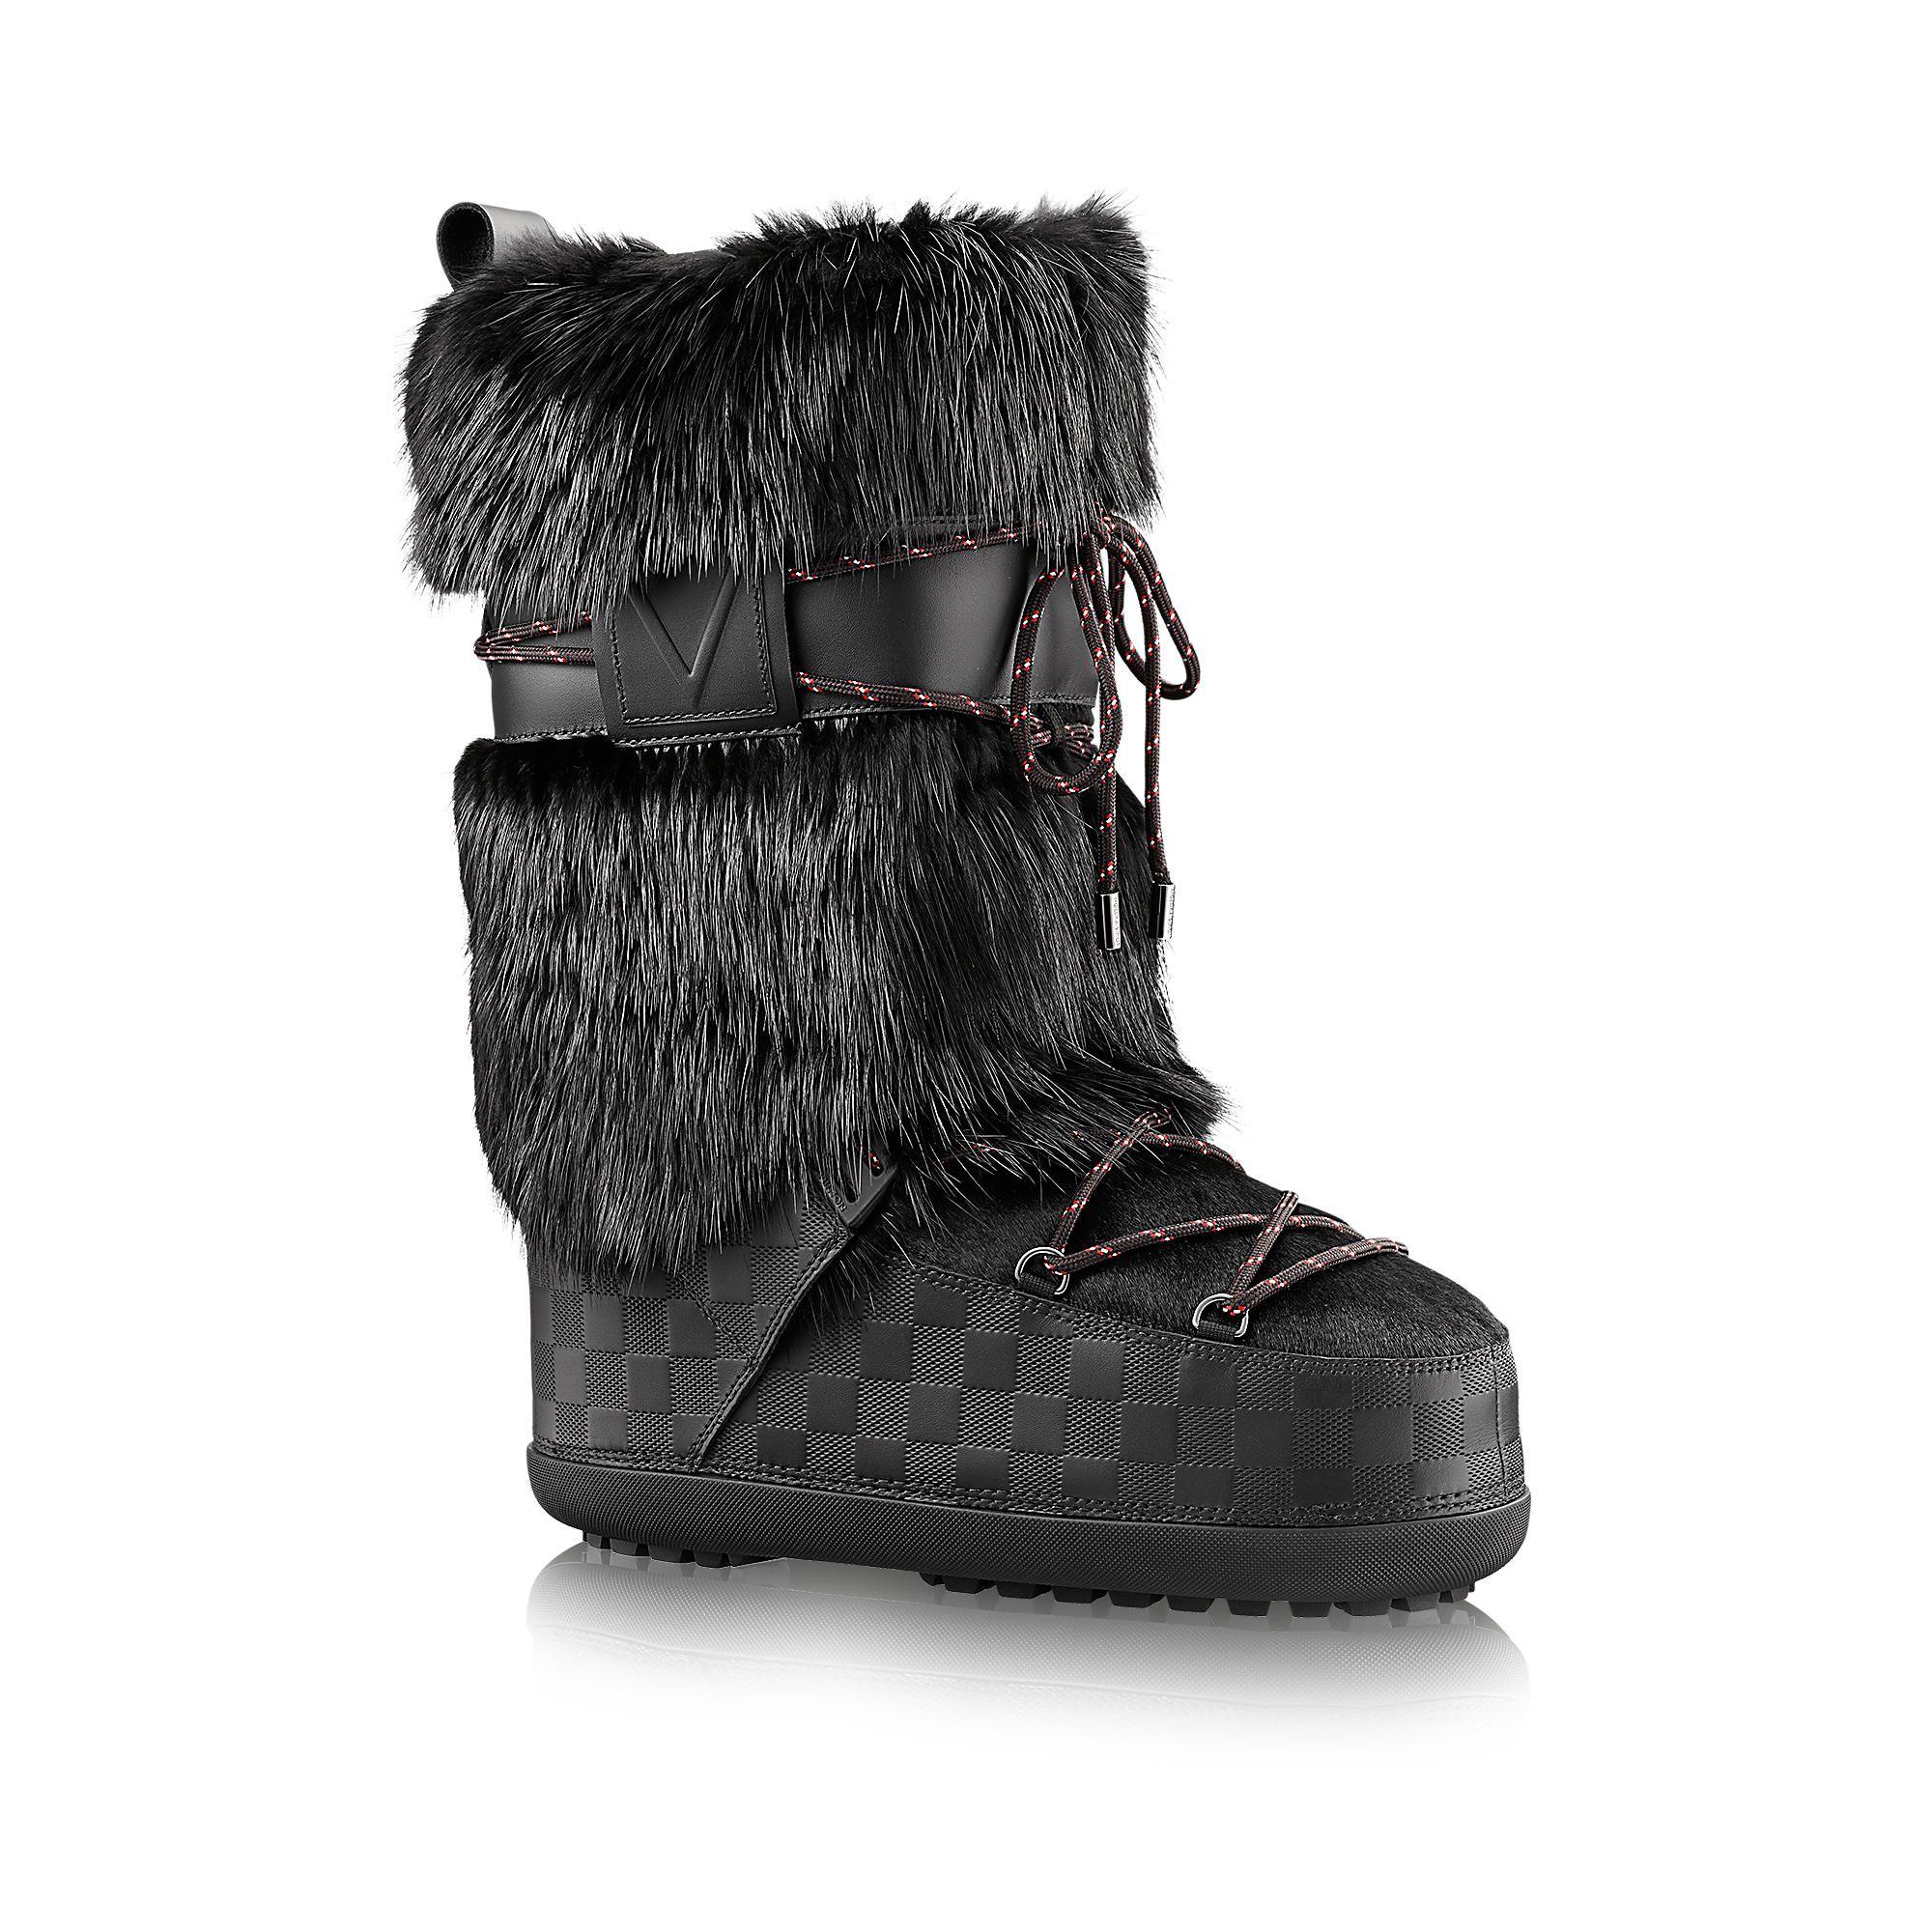 b01d65446633 Discover Louis Vuitton Snowstorm Snow Boot via Louis Vuitton